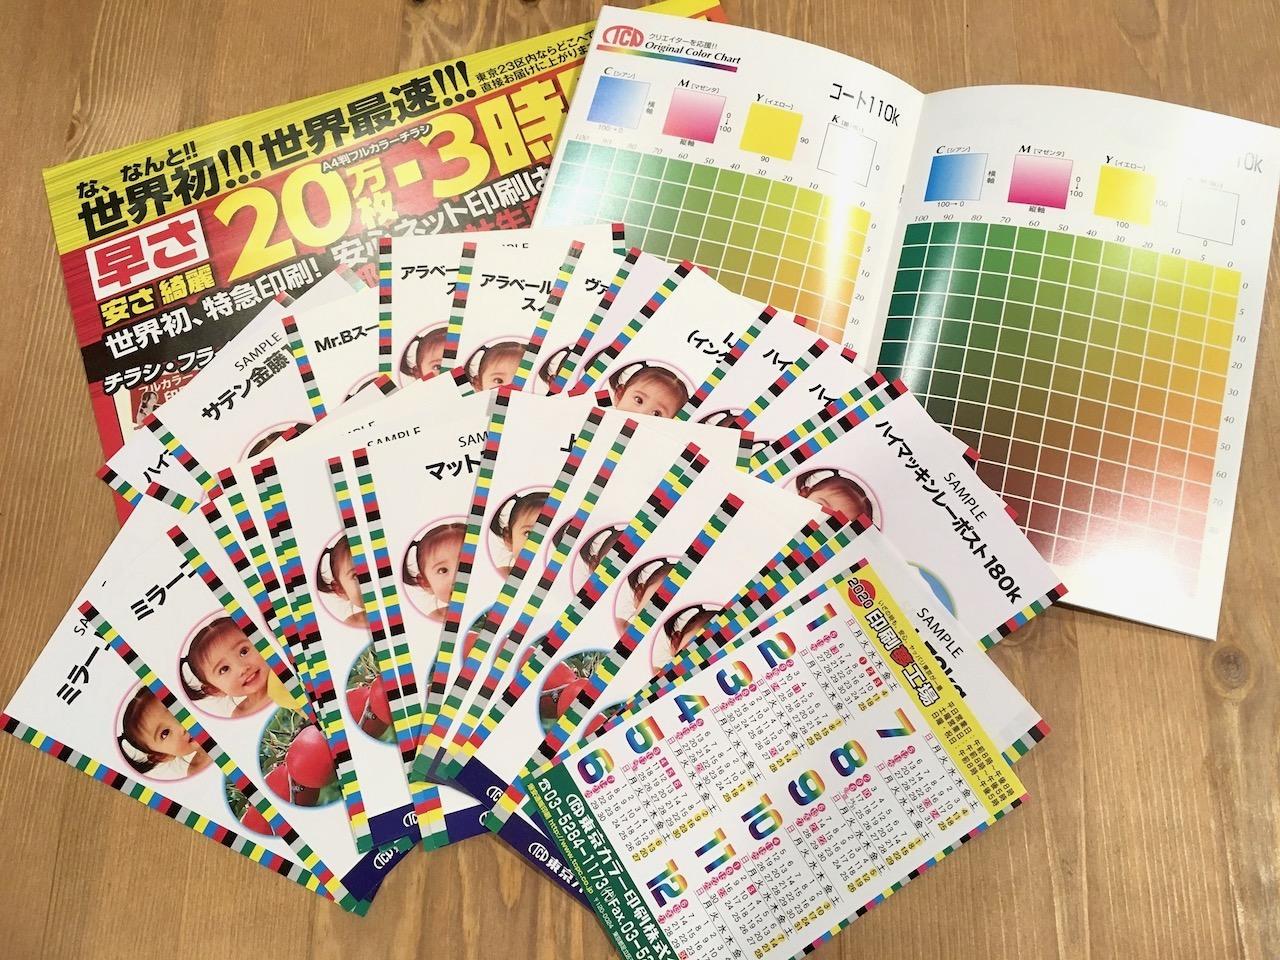 東京カラー印刷資料請求2020年